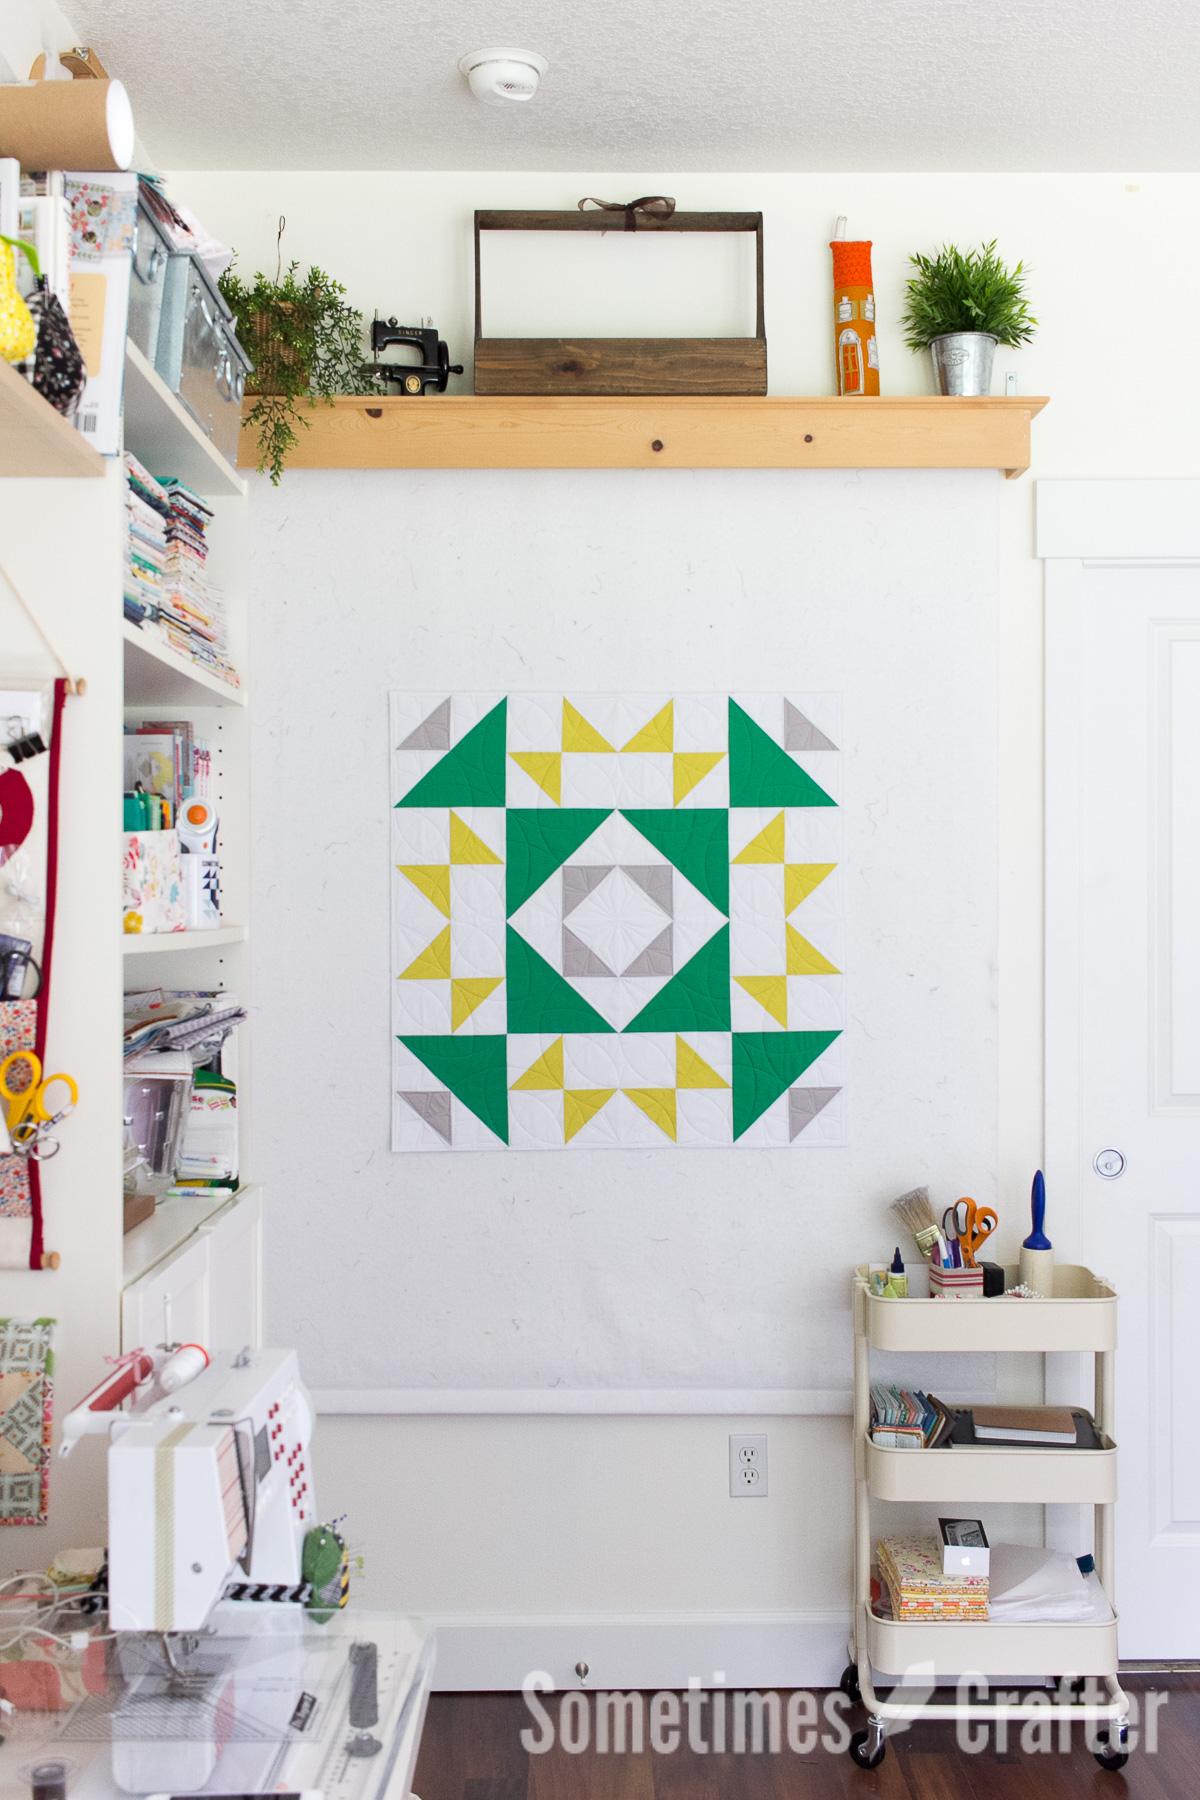 Sometimes Crafter // Cactus Garden Quilt Pattern